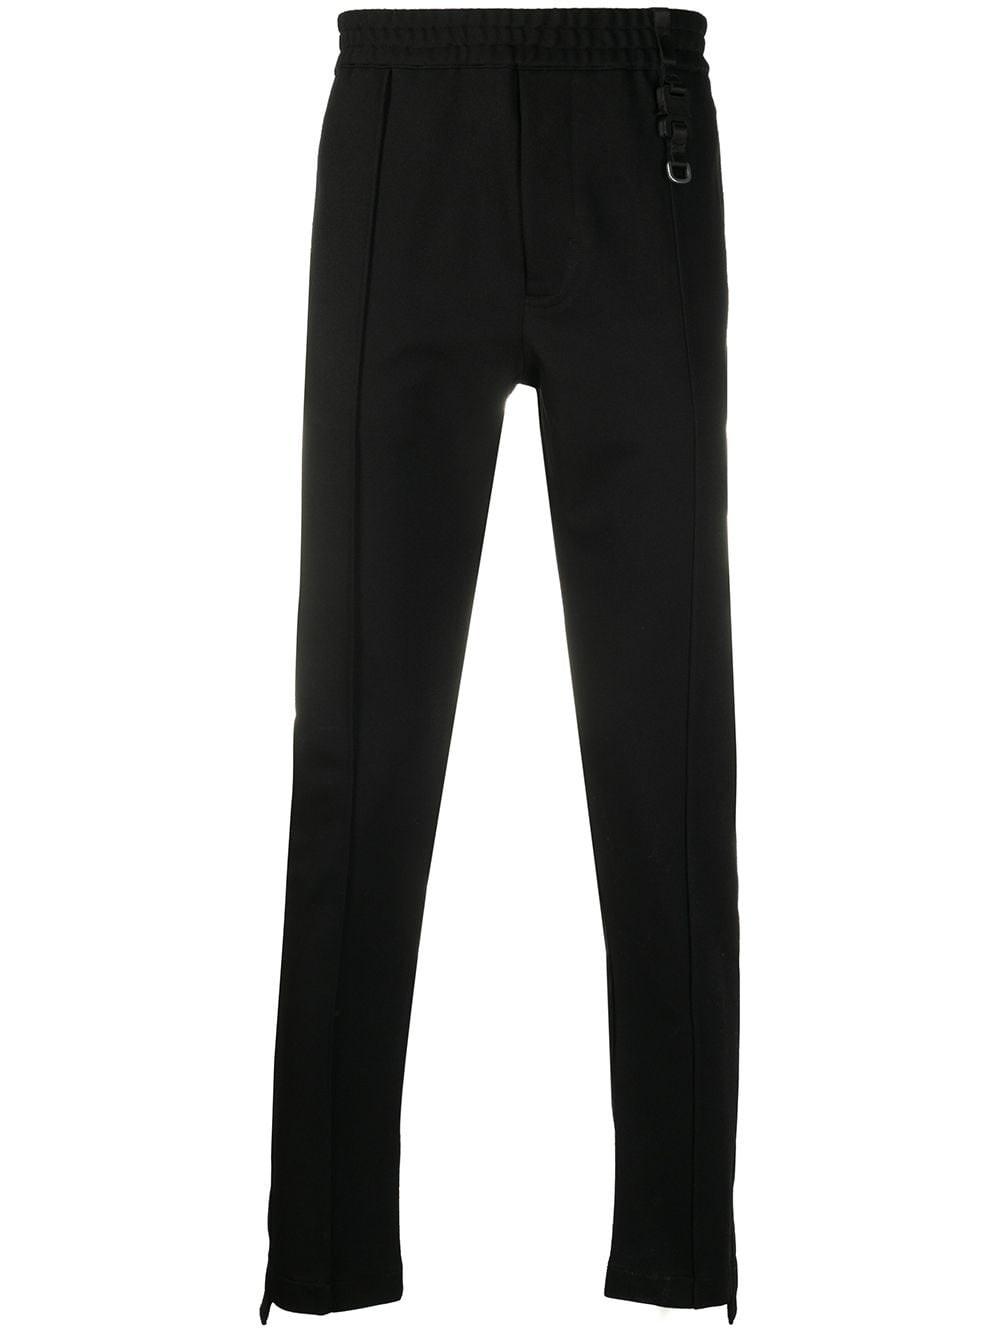 ALYX STUDIO Black Nylon Trackpants